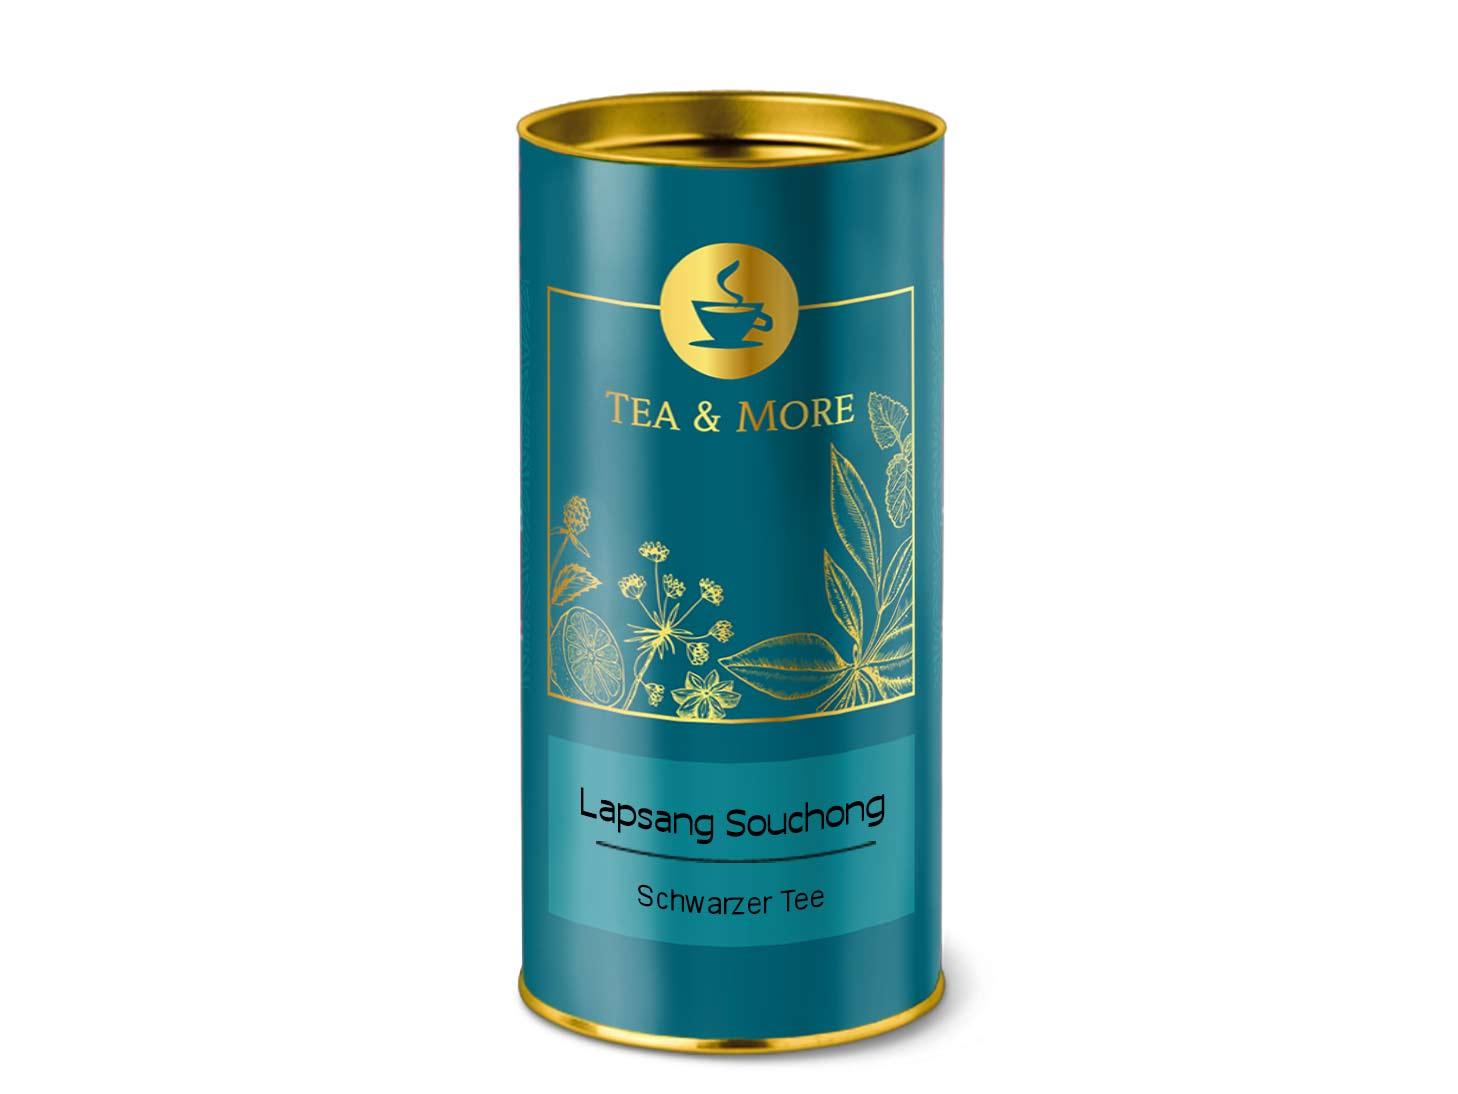 China Lapsang Souchong - Smoked tea